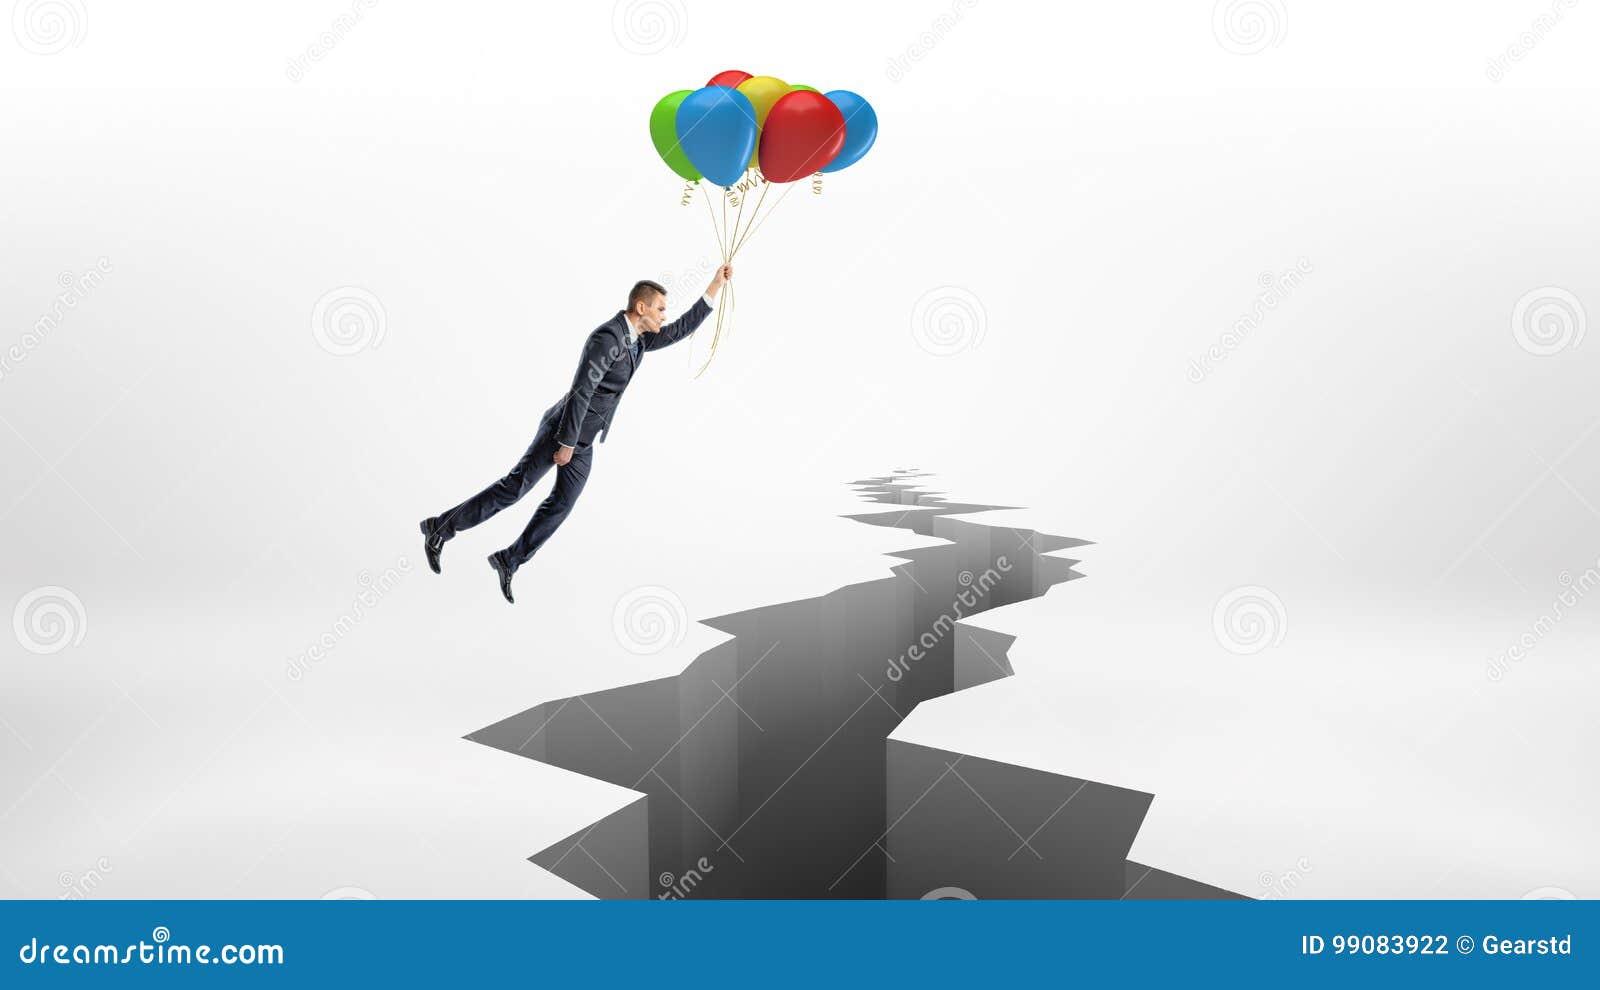 Un hombre de negocios vuela sobre una grieta enorme en la superficie blanca mientras que sostiene un manojo de globos coloridos